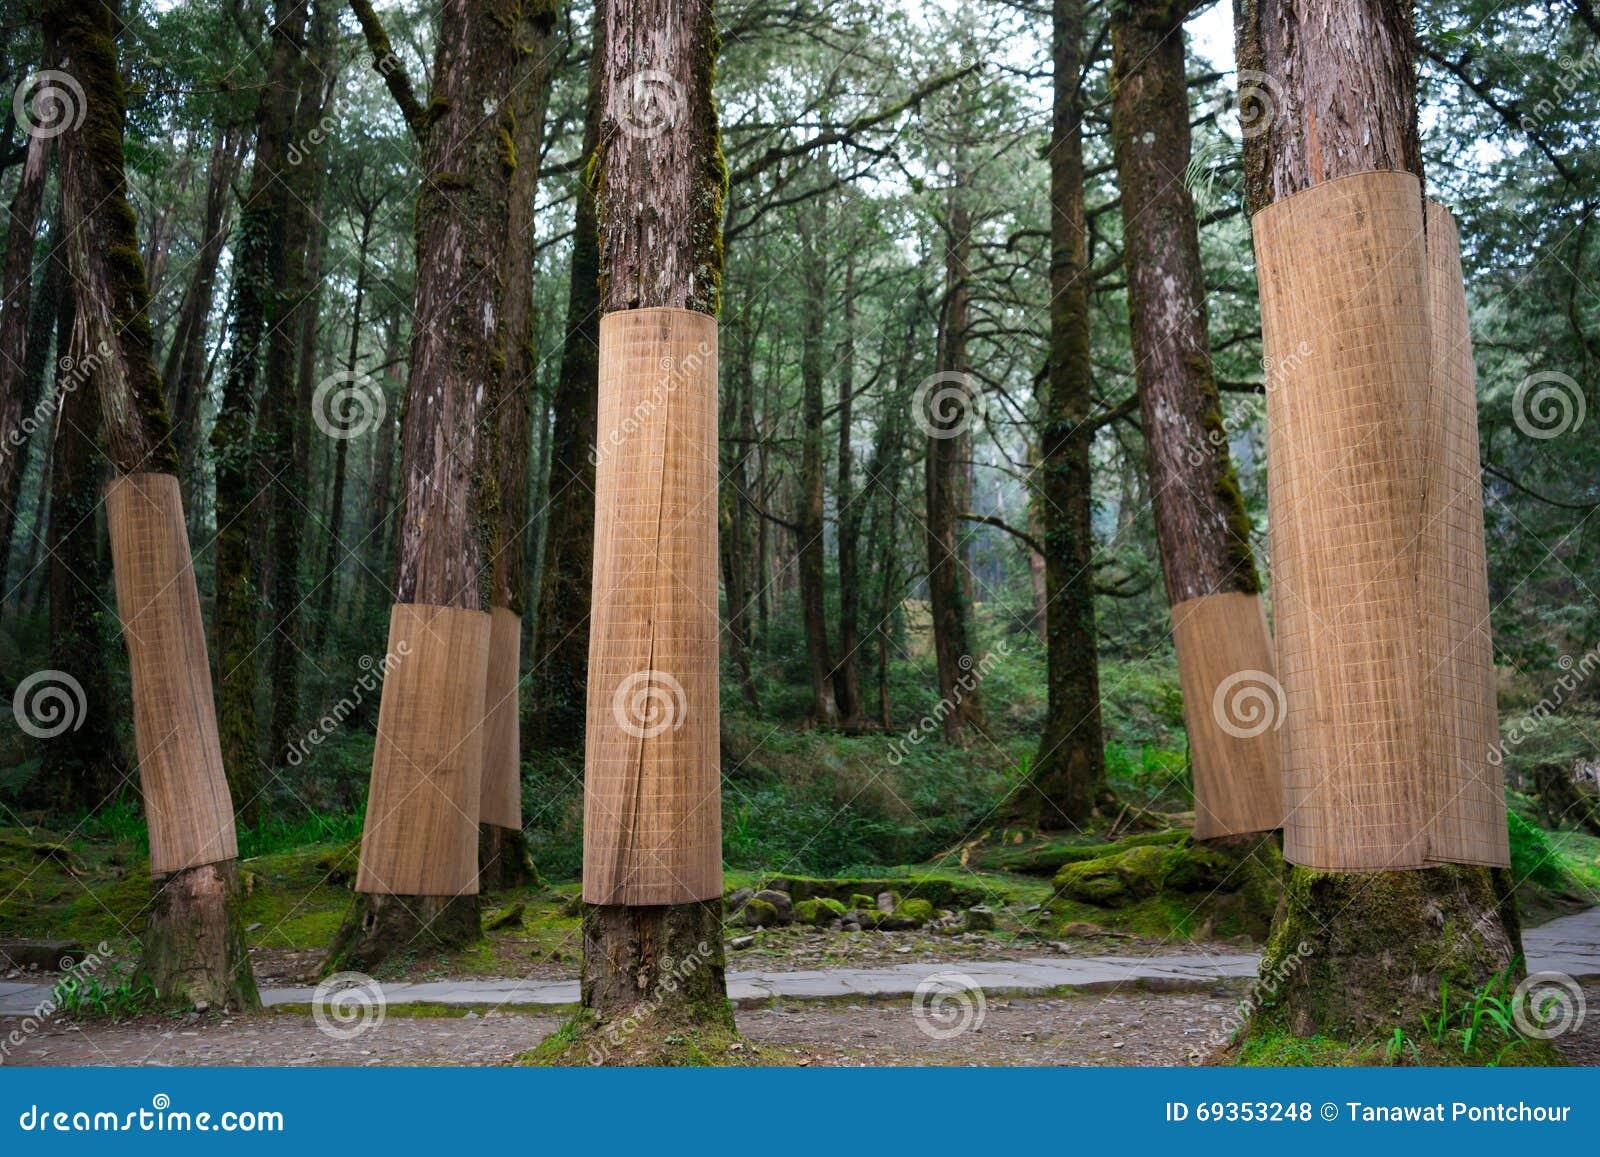 Protection de tronc d 39 arbre avec le tapis en bambou photo stock image du sapling for t 69353248 - Tronc de bambou decoratif ...